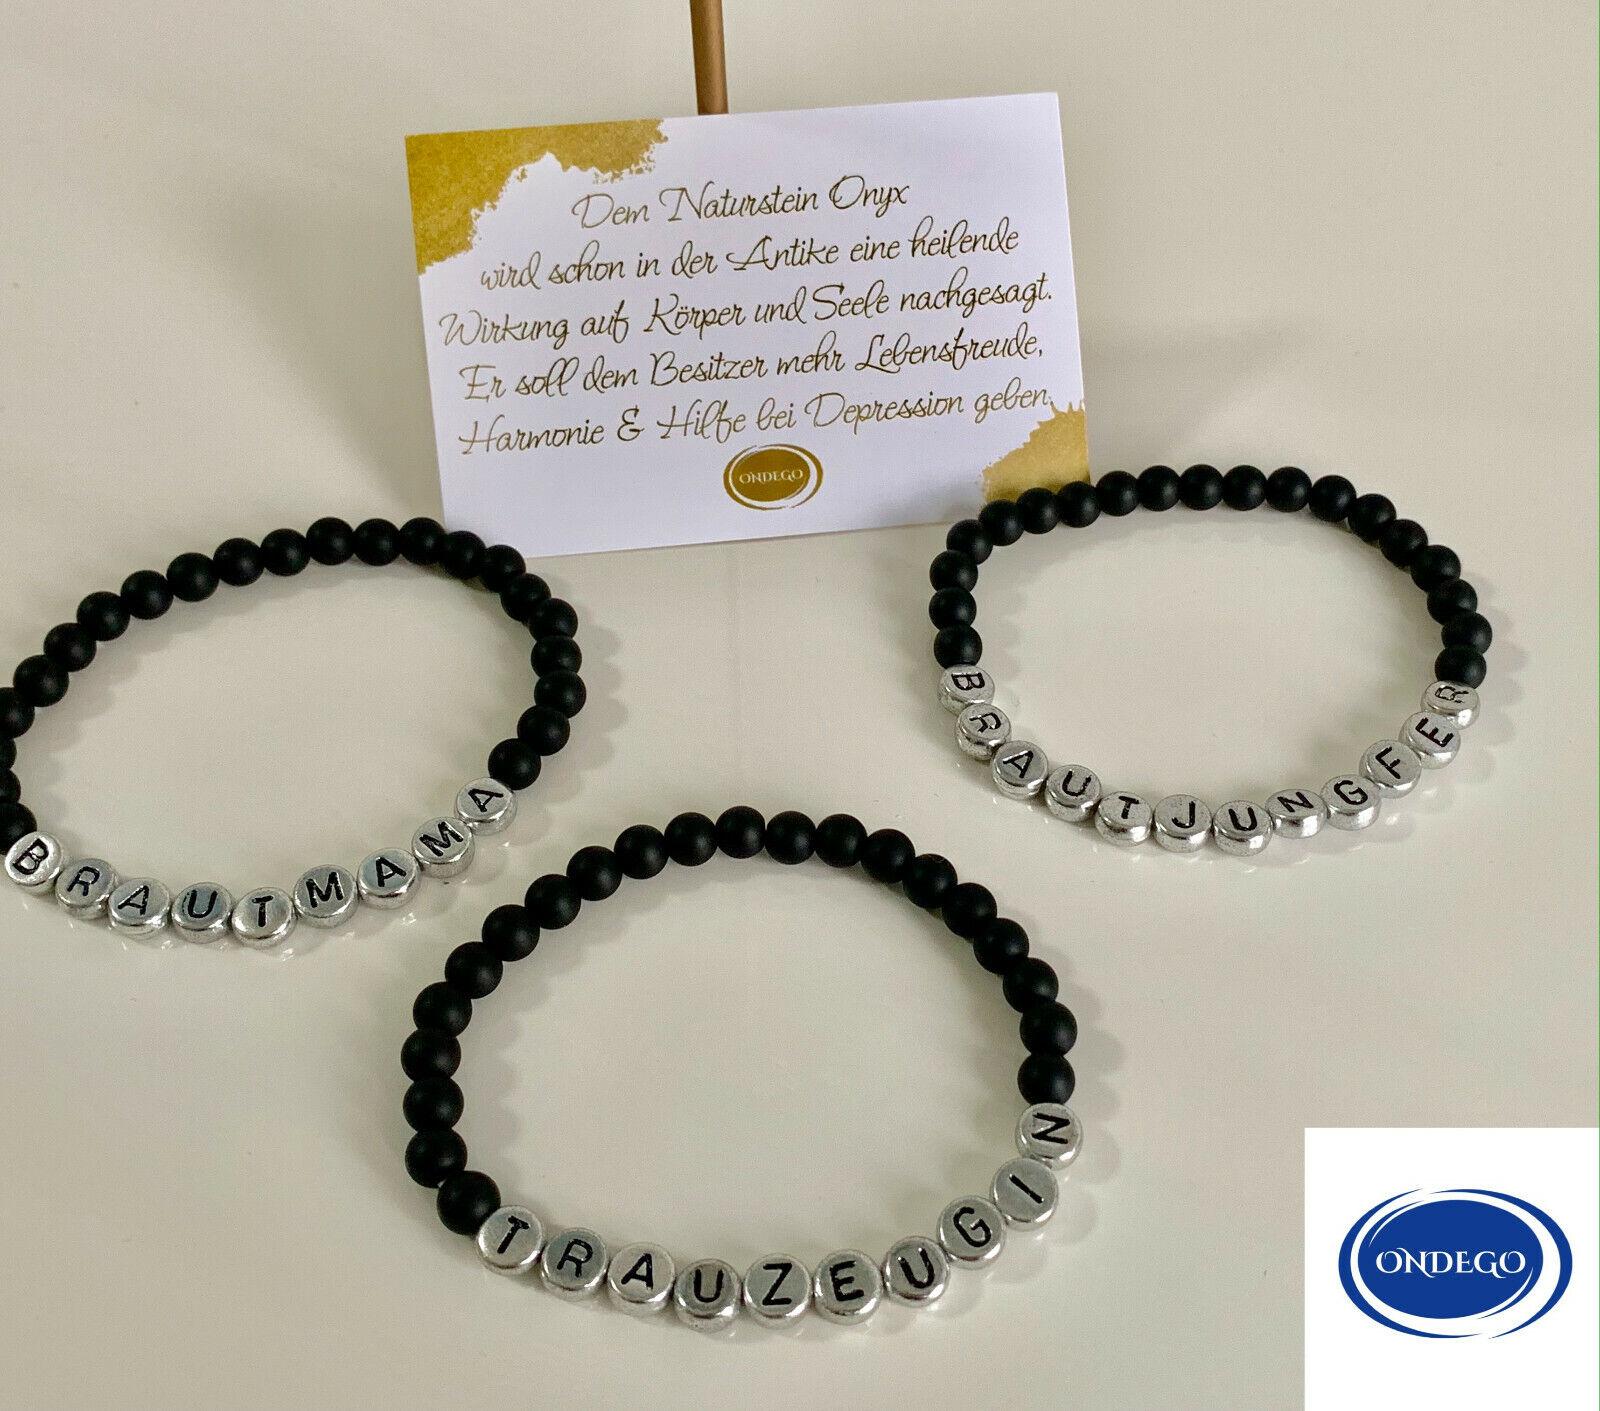 TRAUZEUGE Naturstein Trauzeugin Geschenk Armband Personalisiert Namensarmband